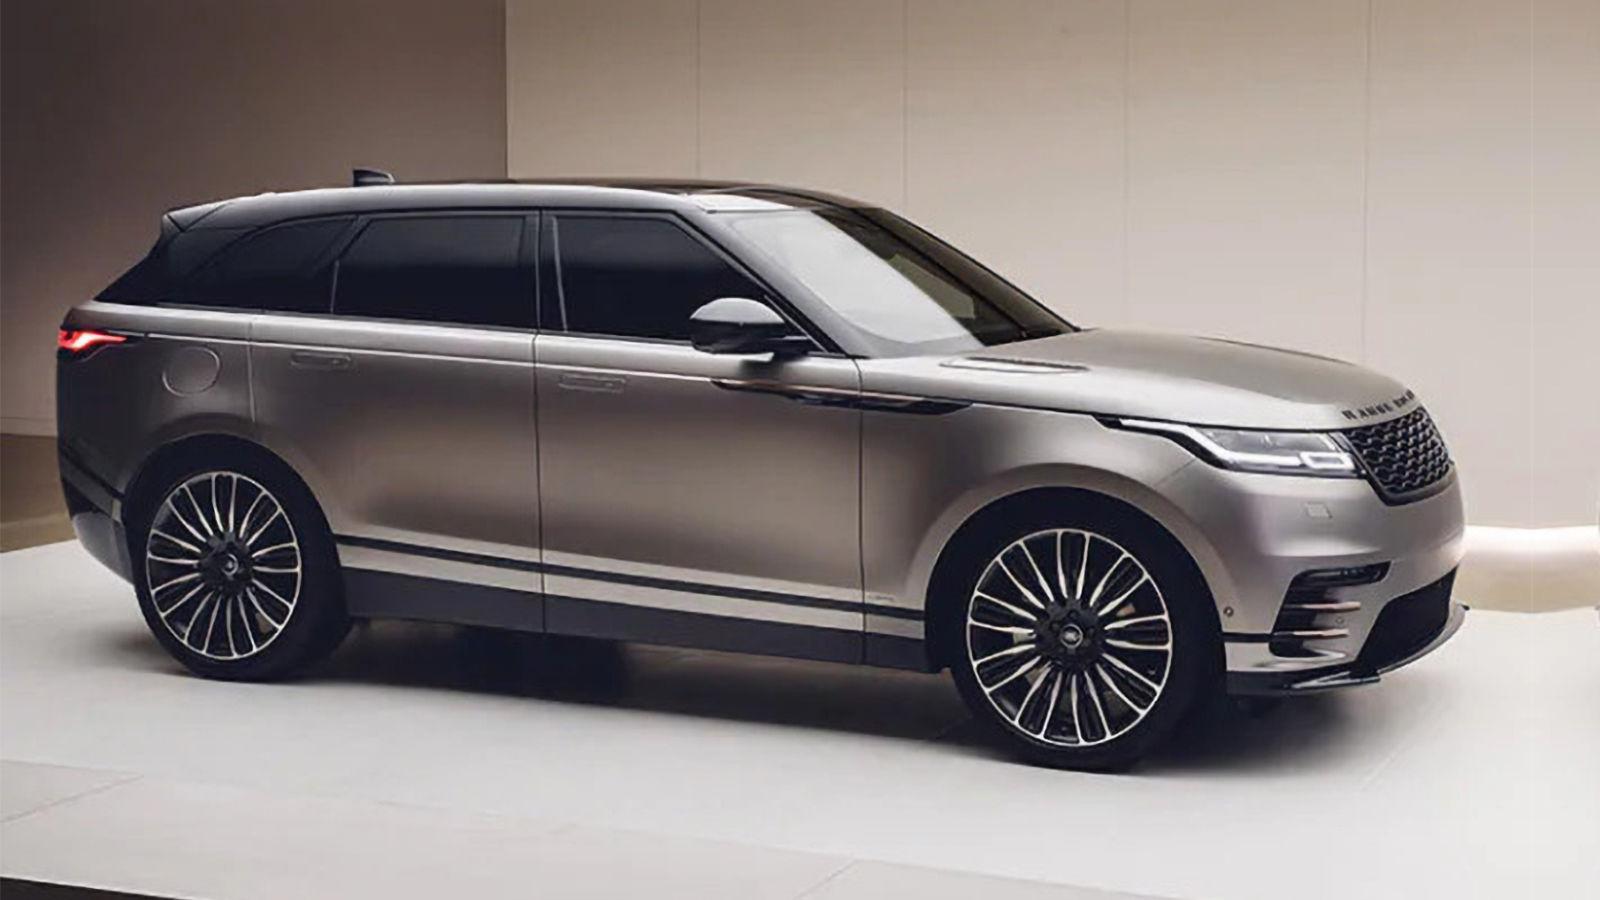 Range Rover Velar, Londra Tasarım Müzesi'nde gösterimde